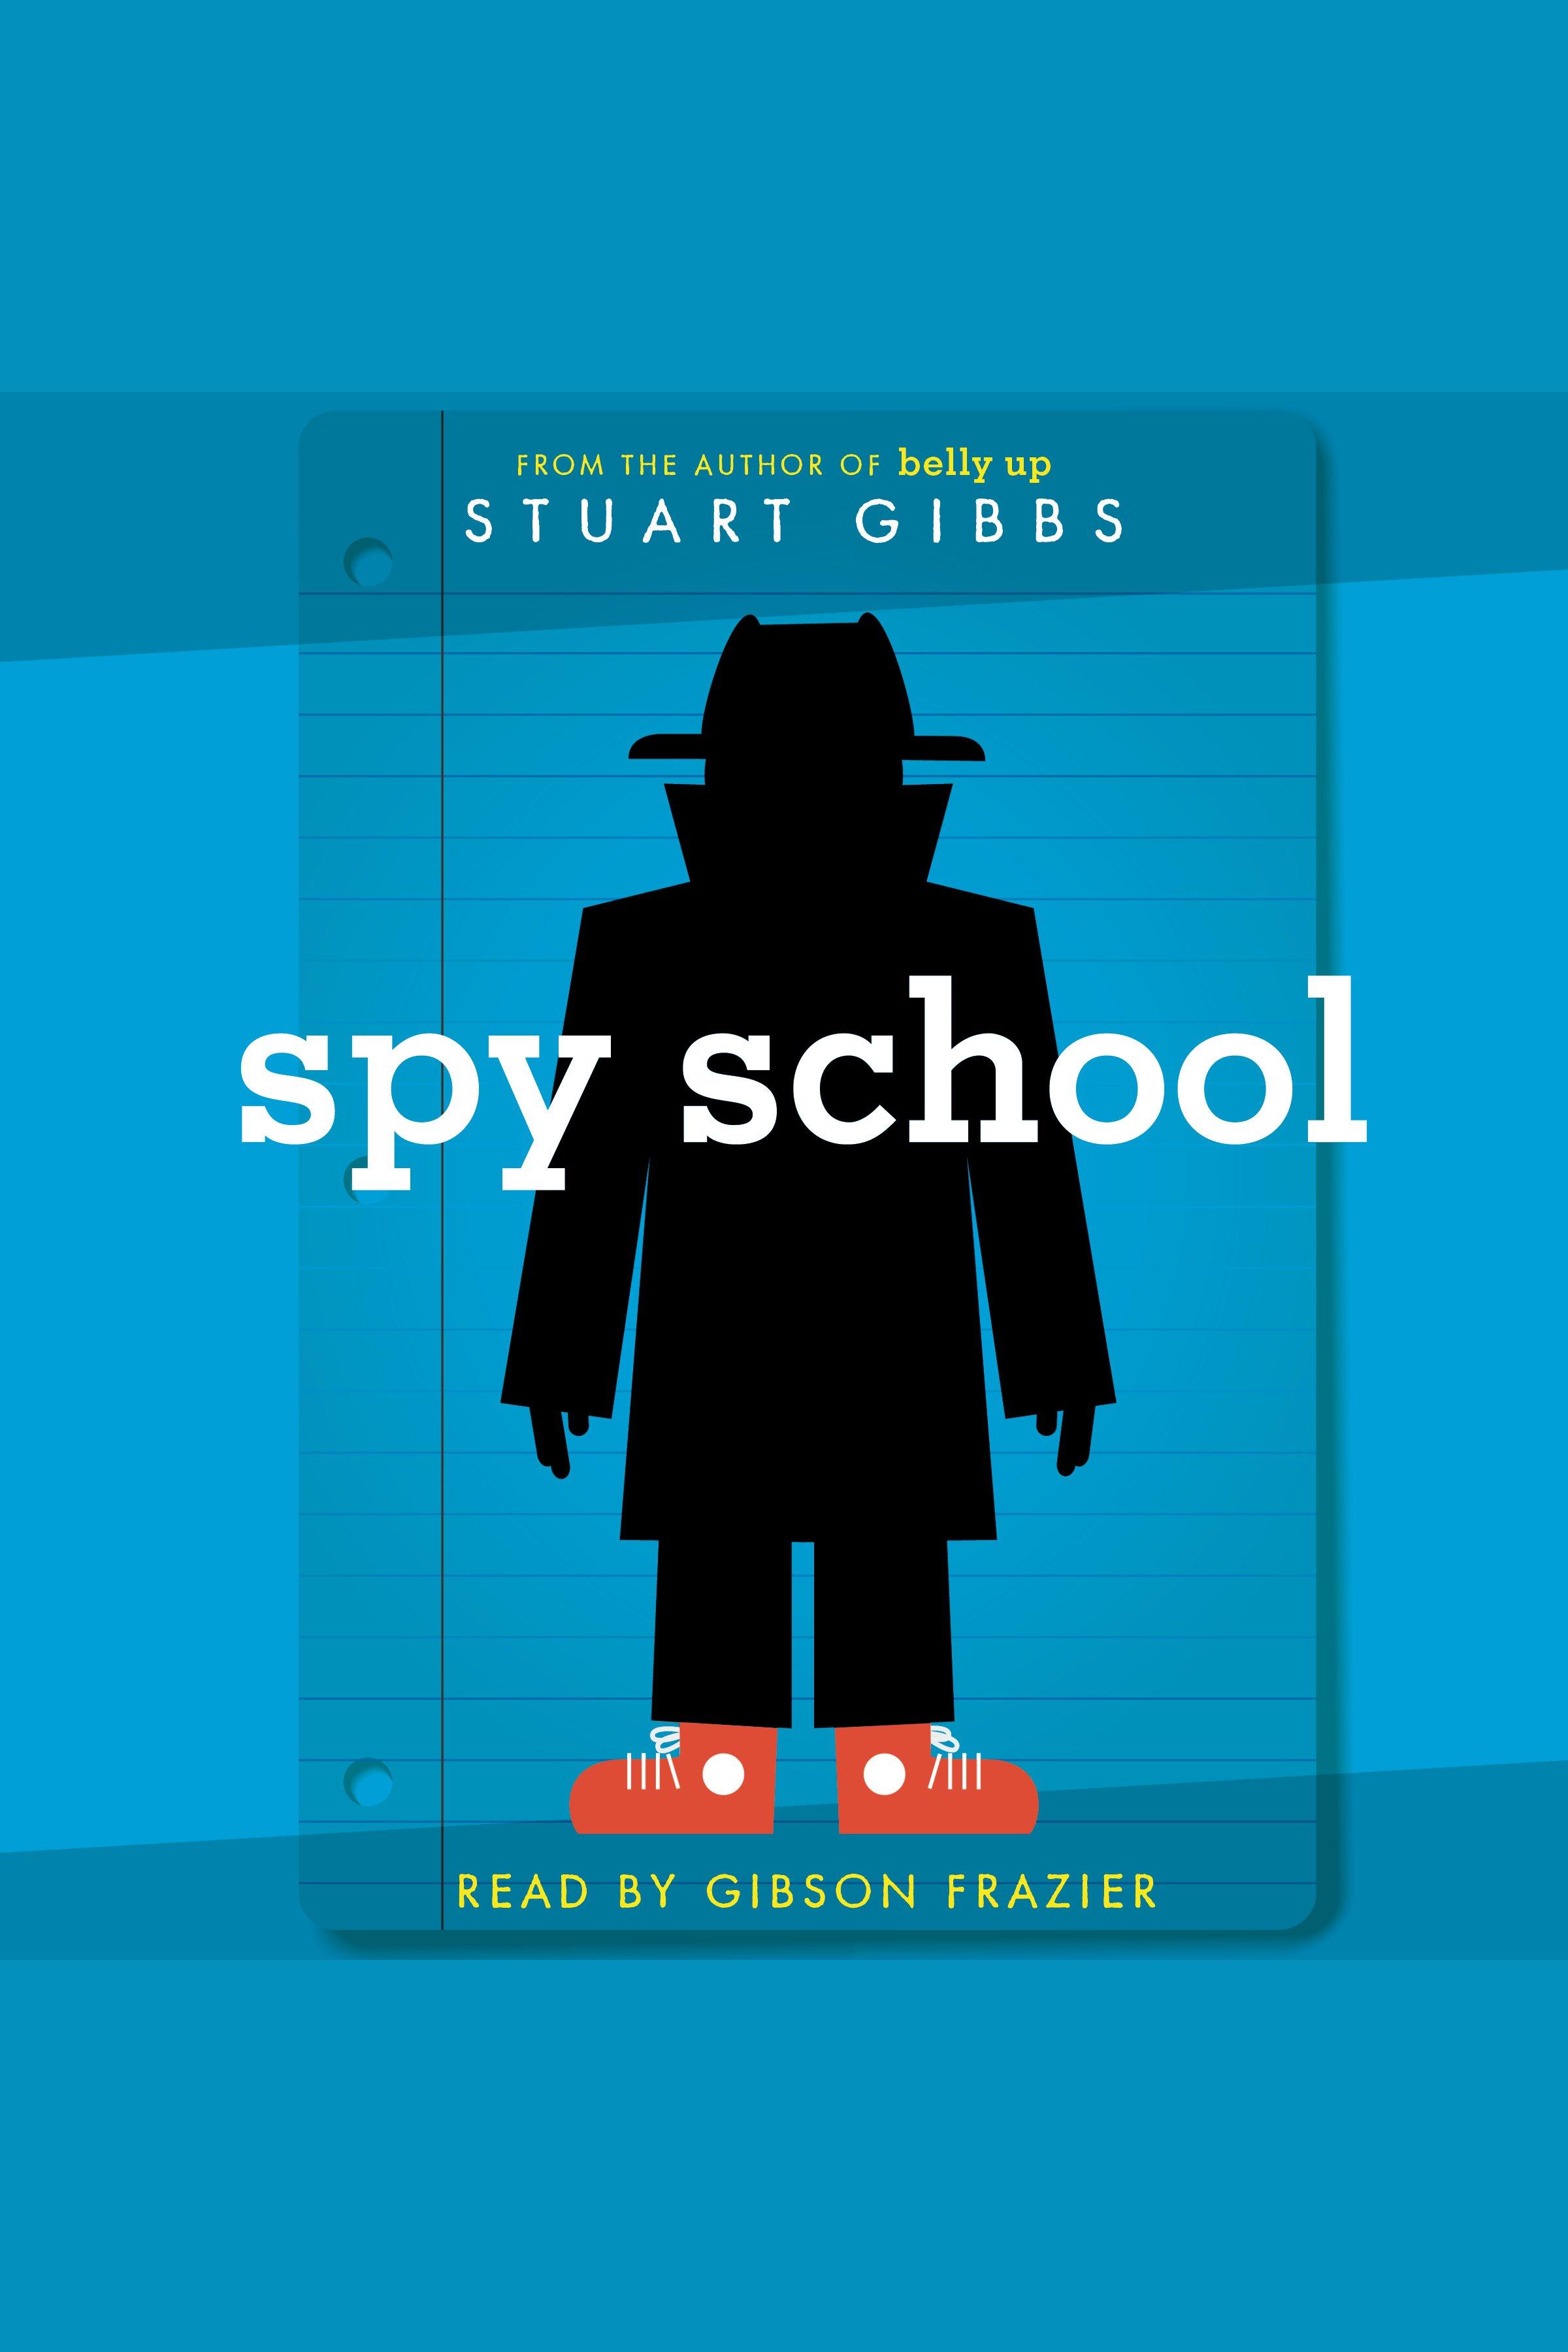 Spy school cover image